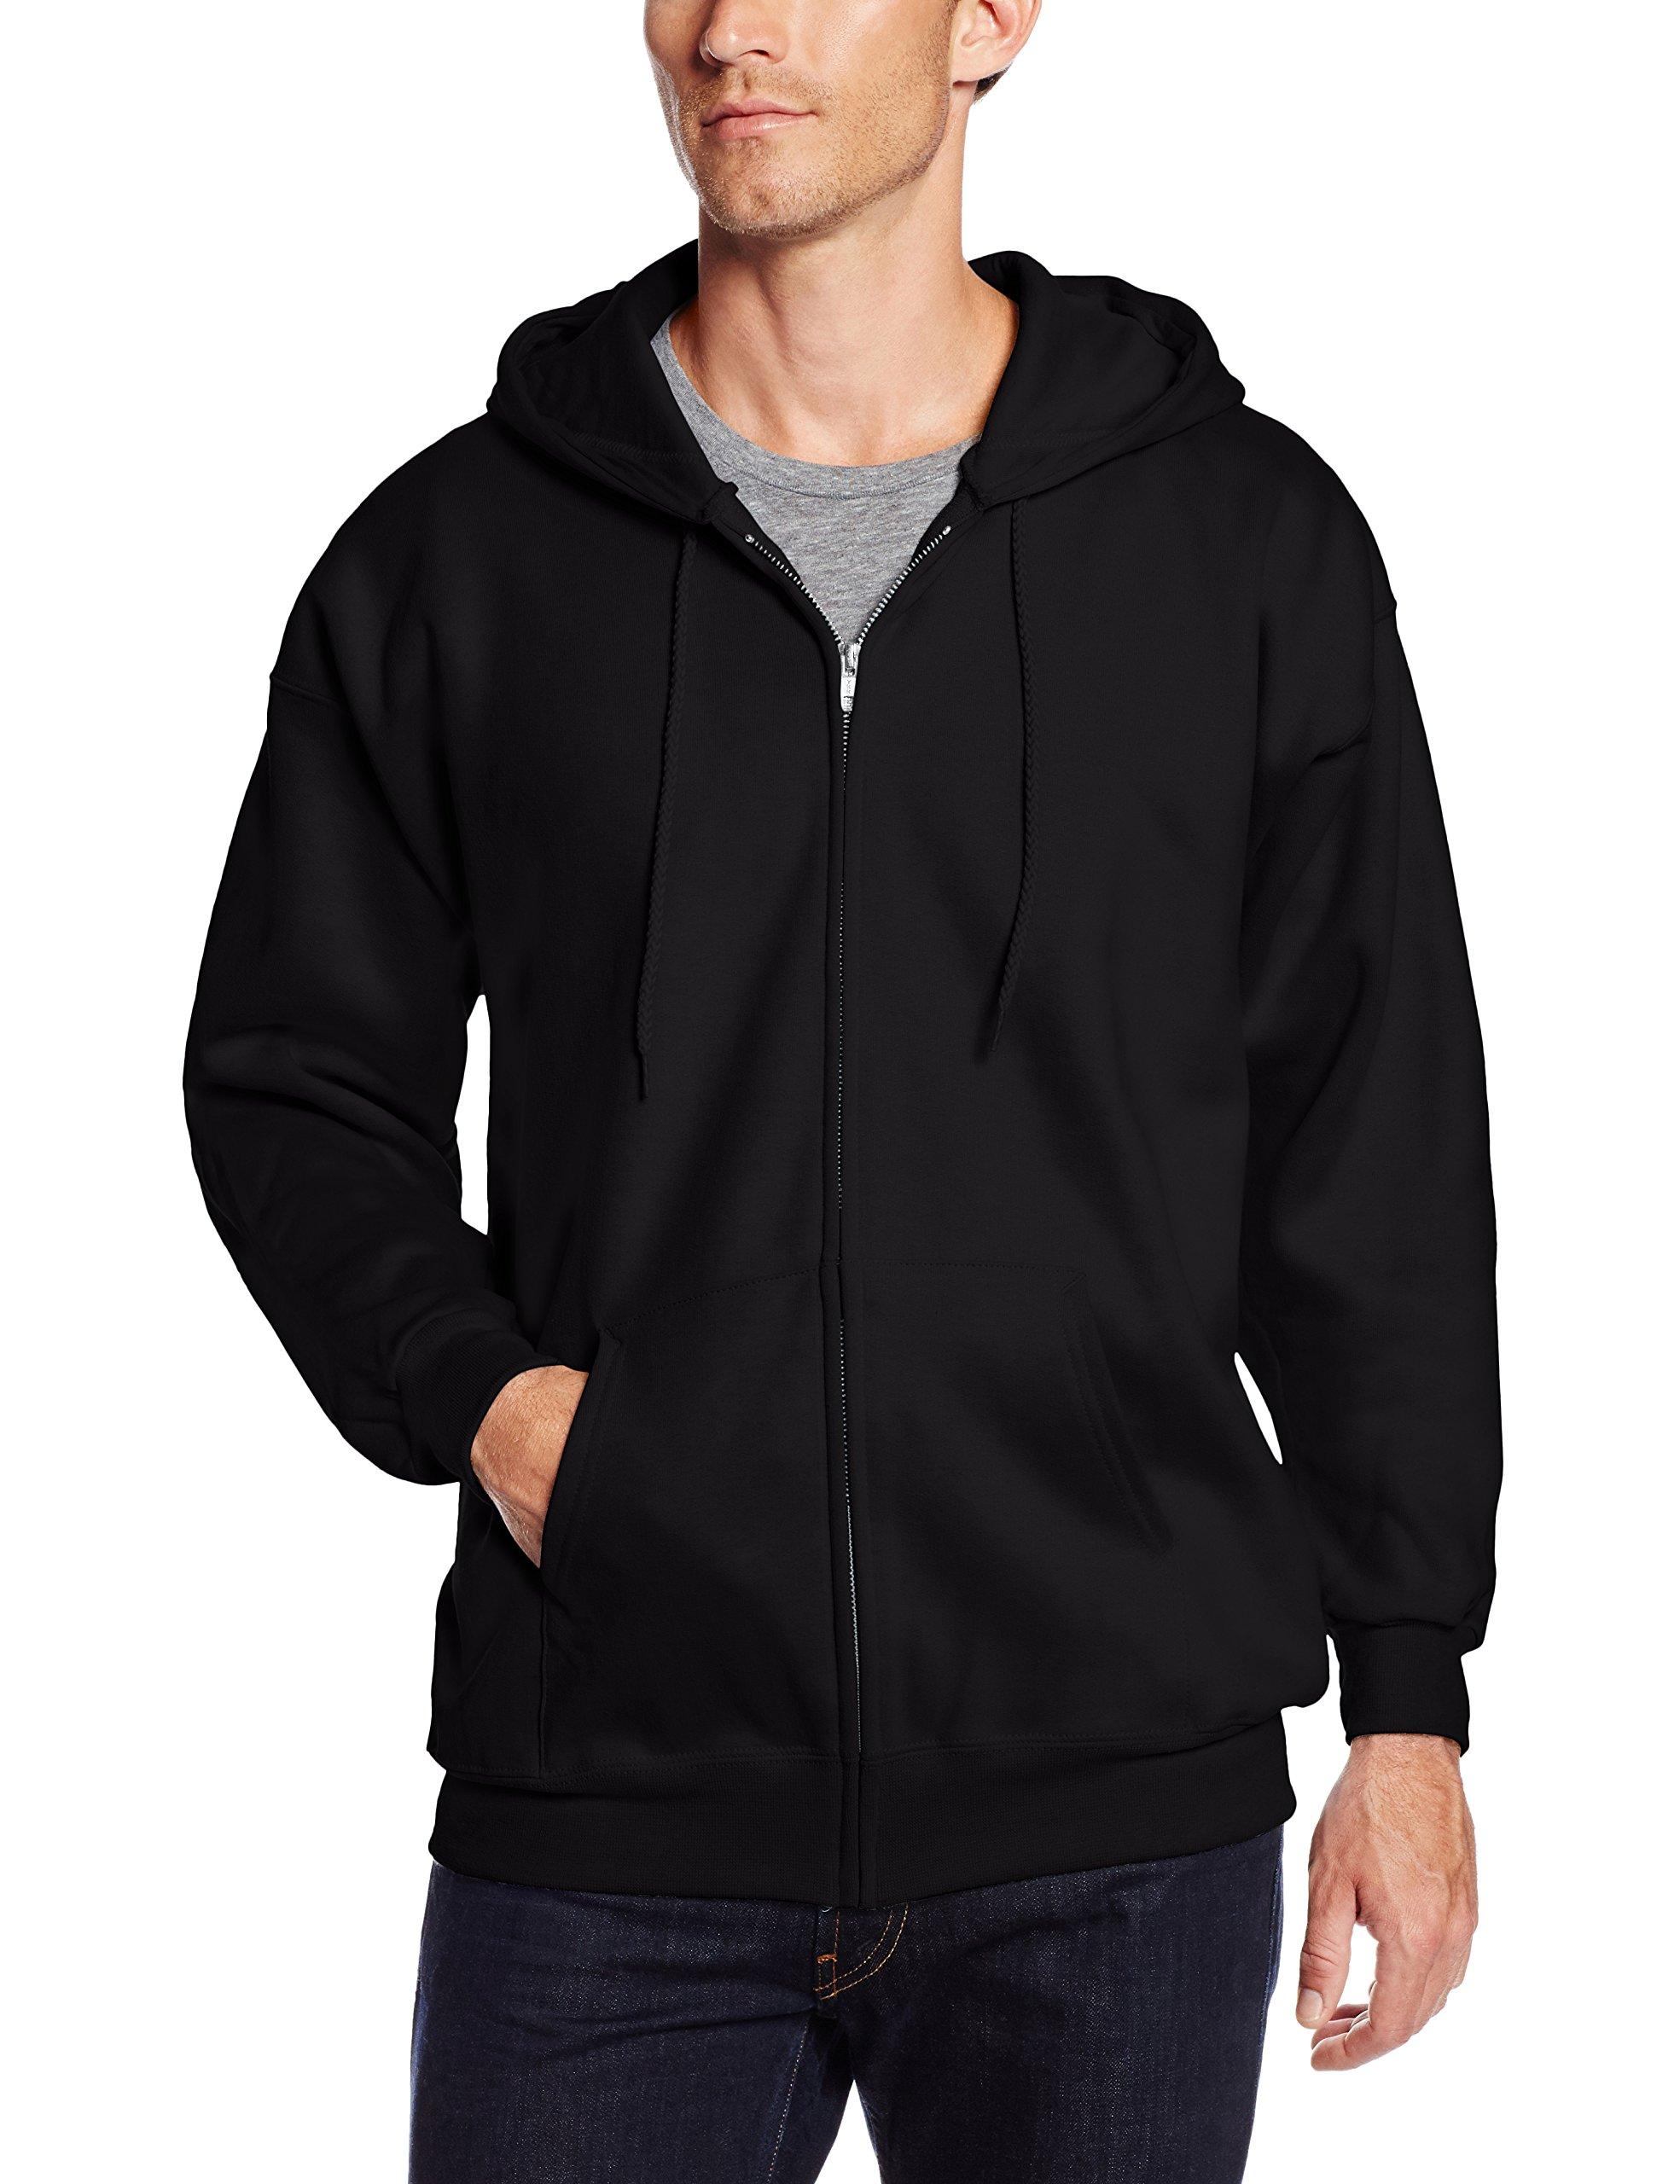 Hanes Men's Full Zip Ultimate Heavyweight Fleece Hoodie, Black, Large by Hanes